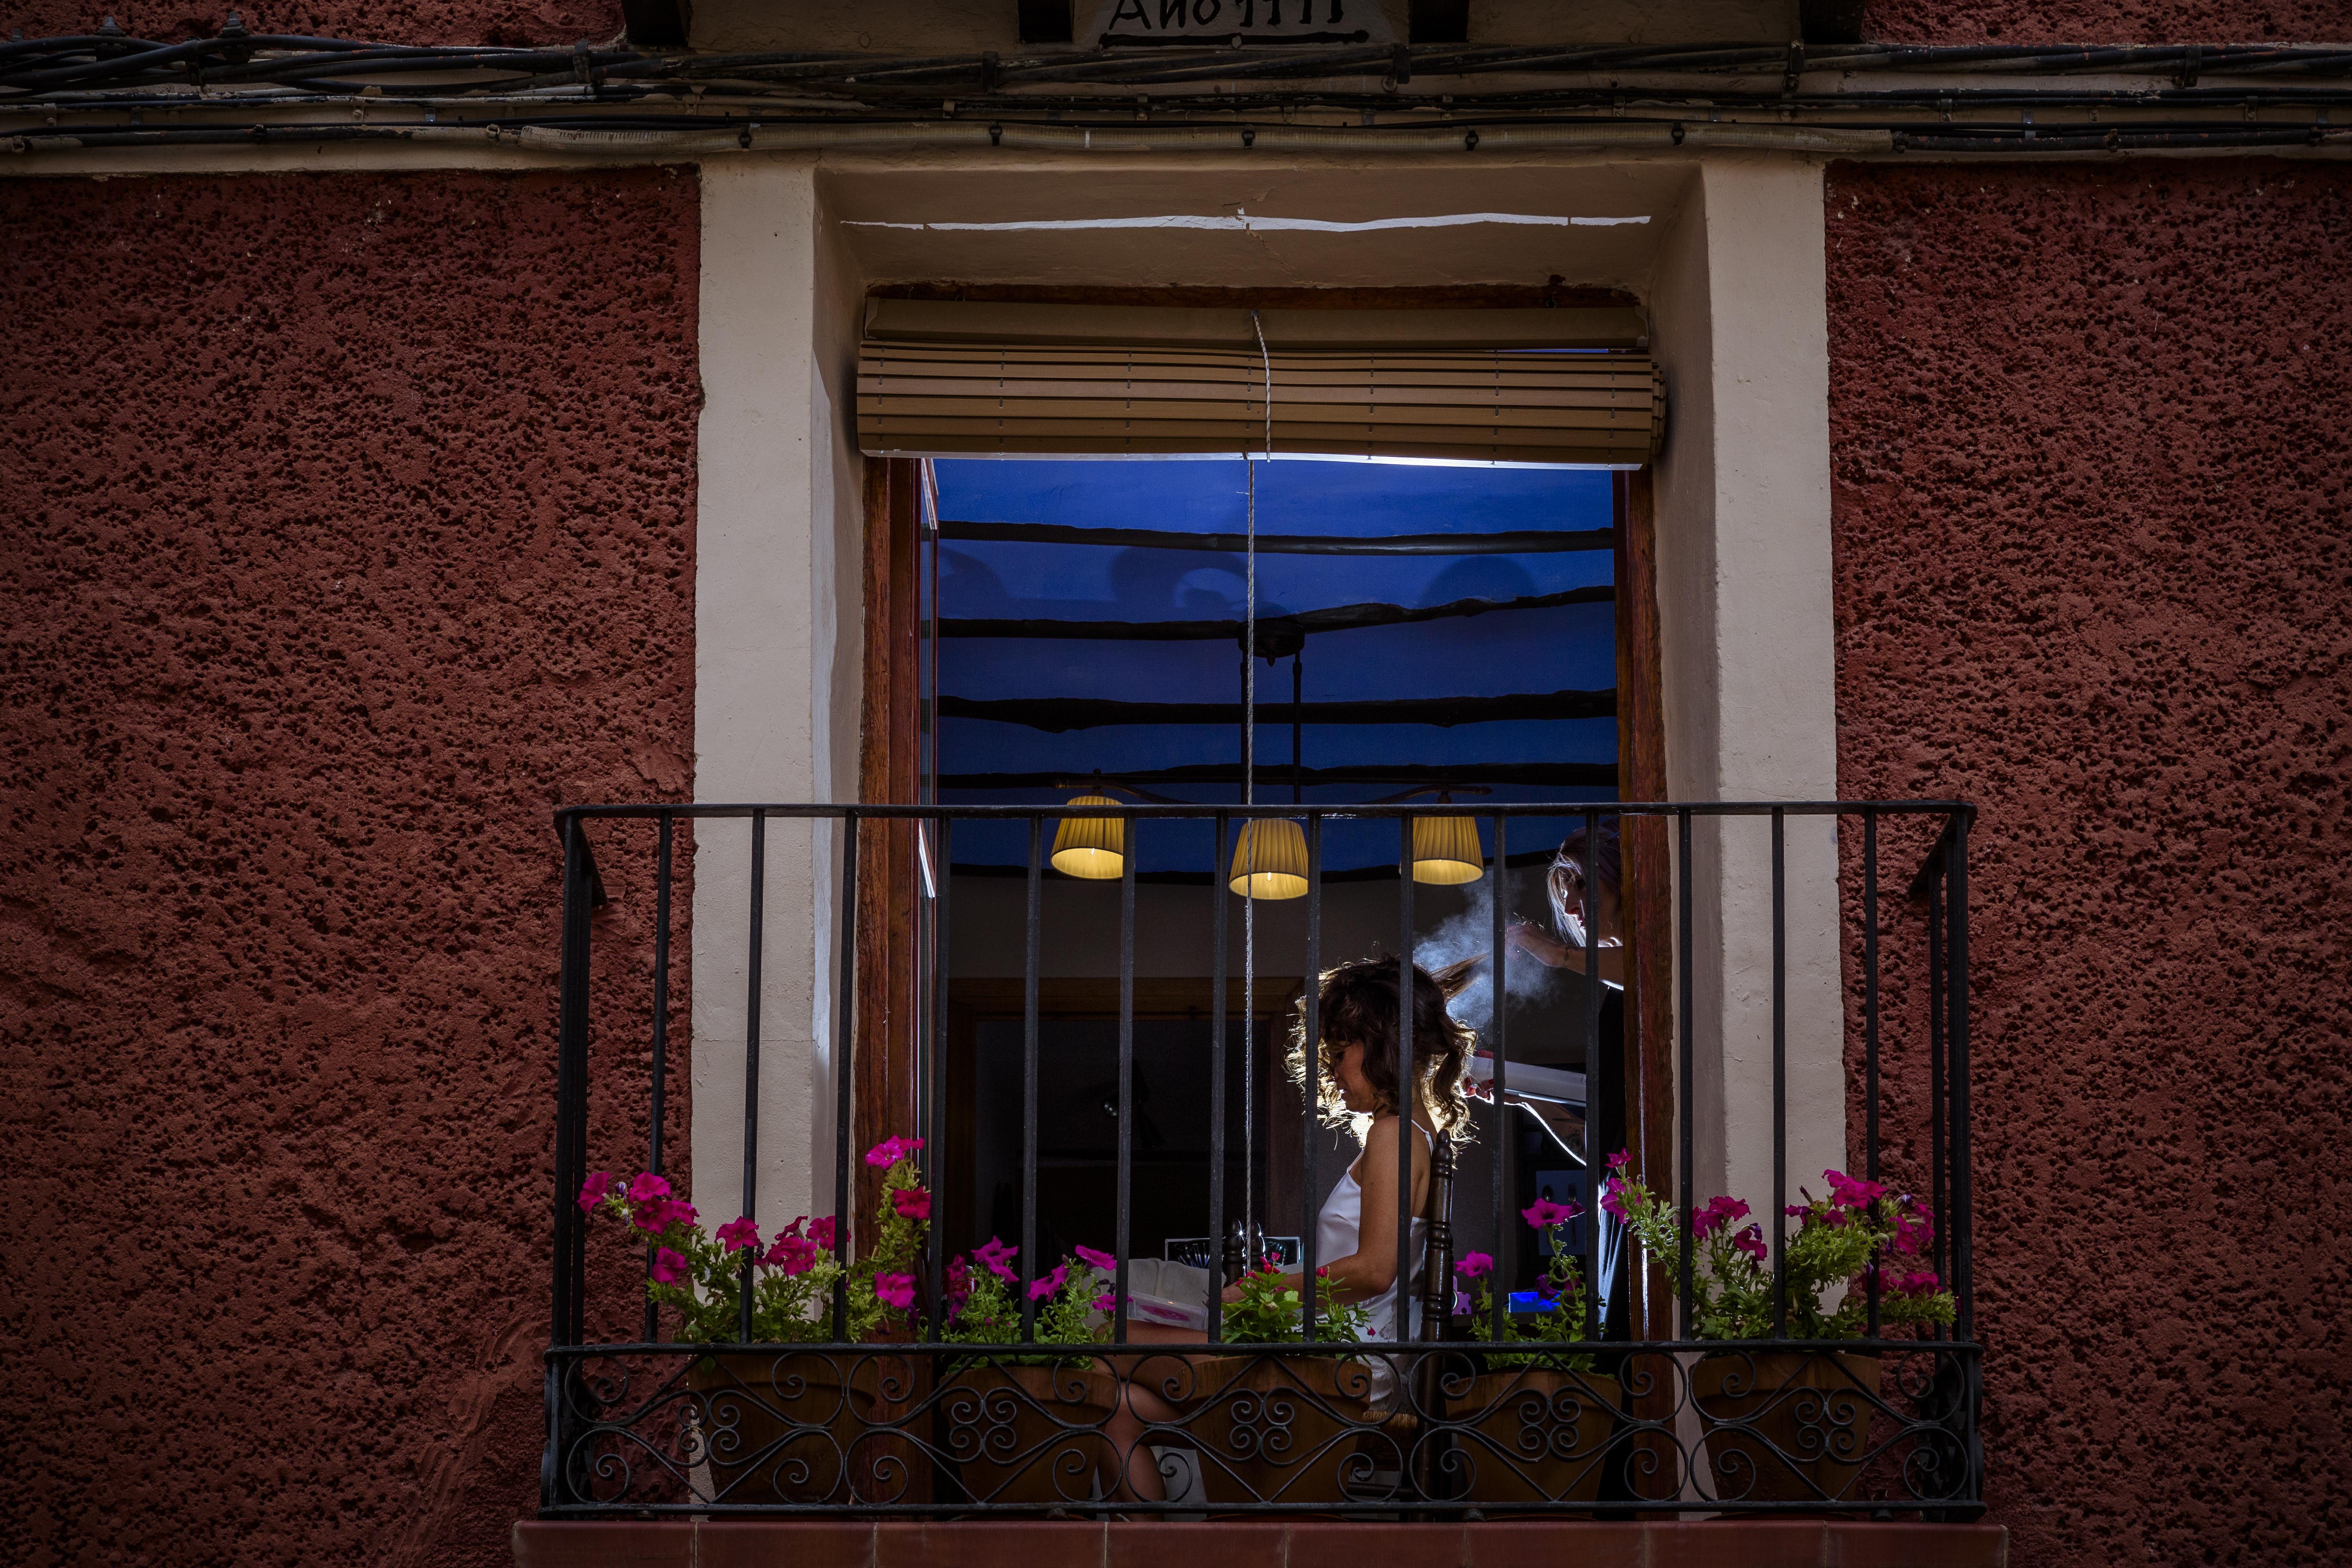 mandarina wedding, fotografos de boda, fotoperiodismo de boda, mejores fotografos de boda, bodas soria, bodas pirineo, bodas Madrid, fotógrafo daroca_30